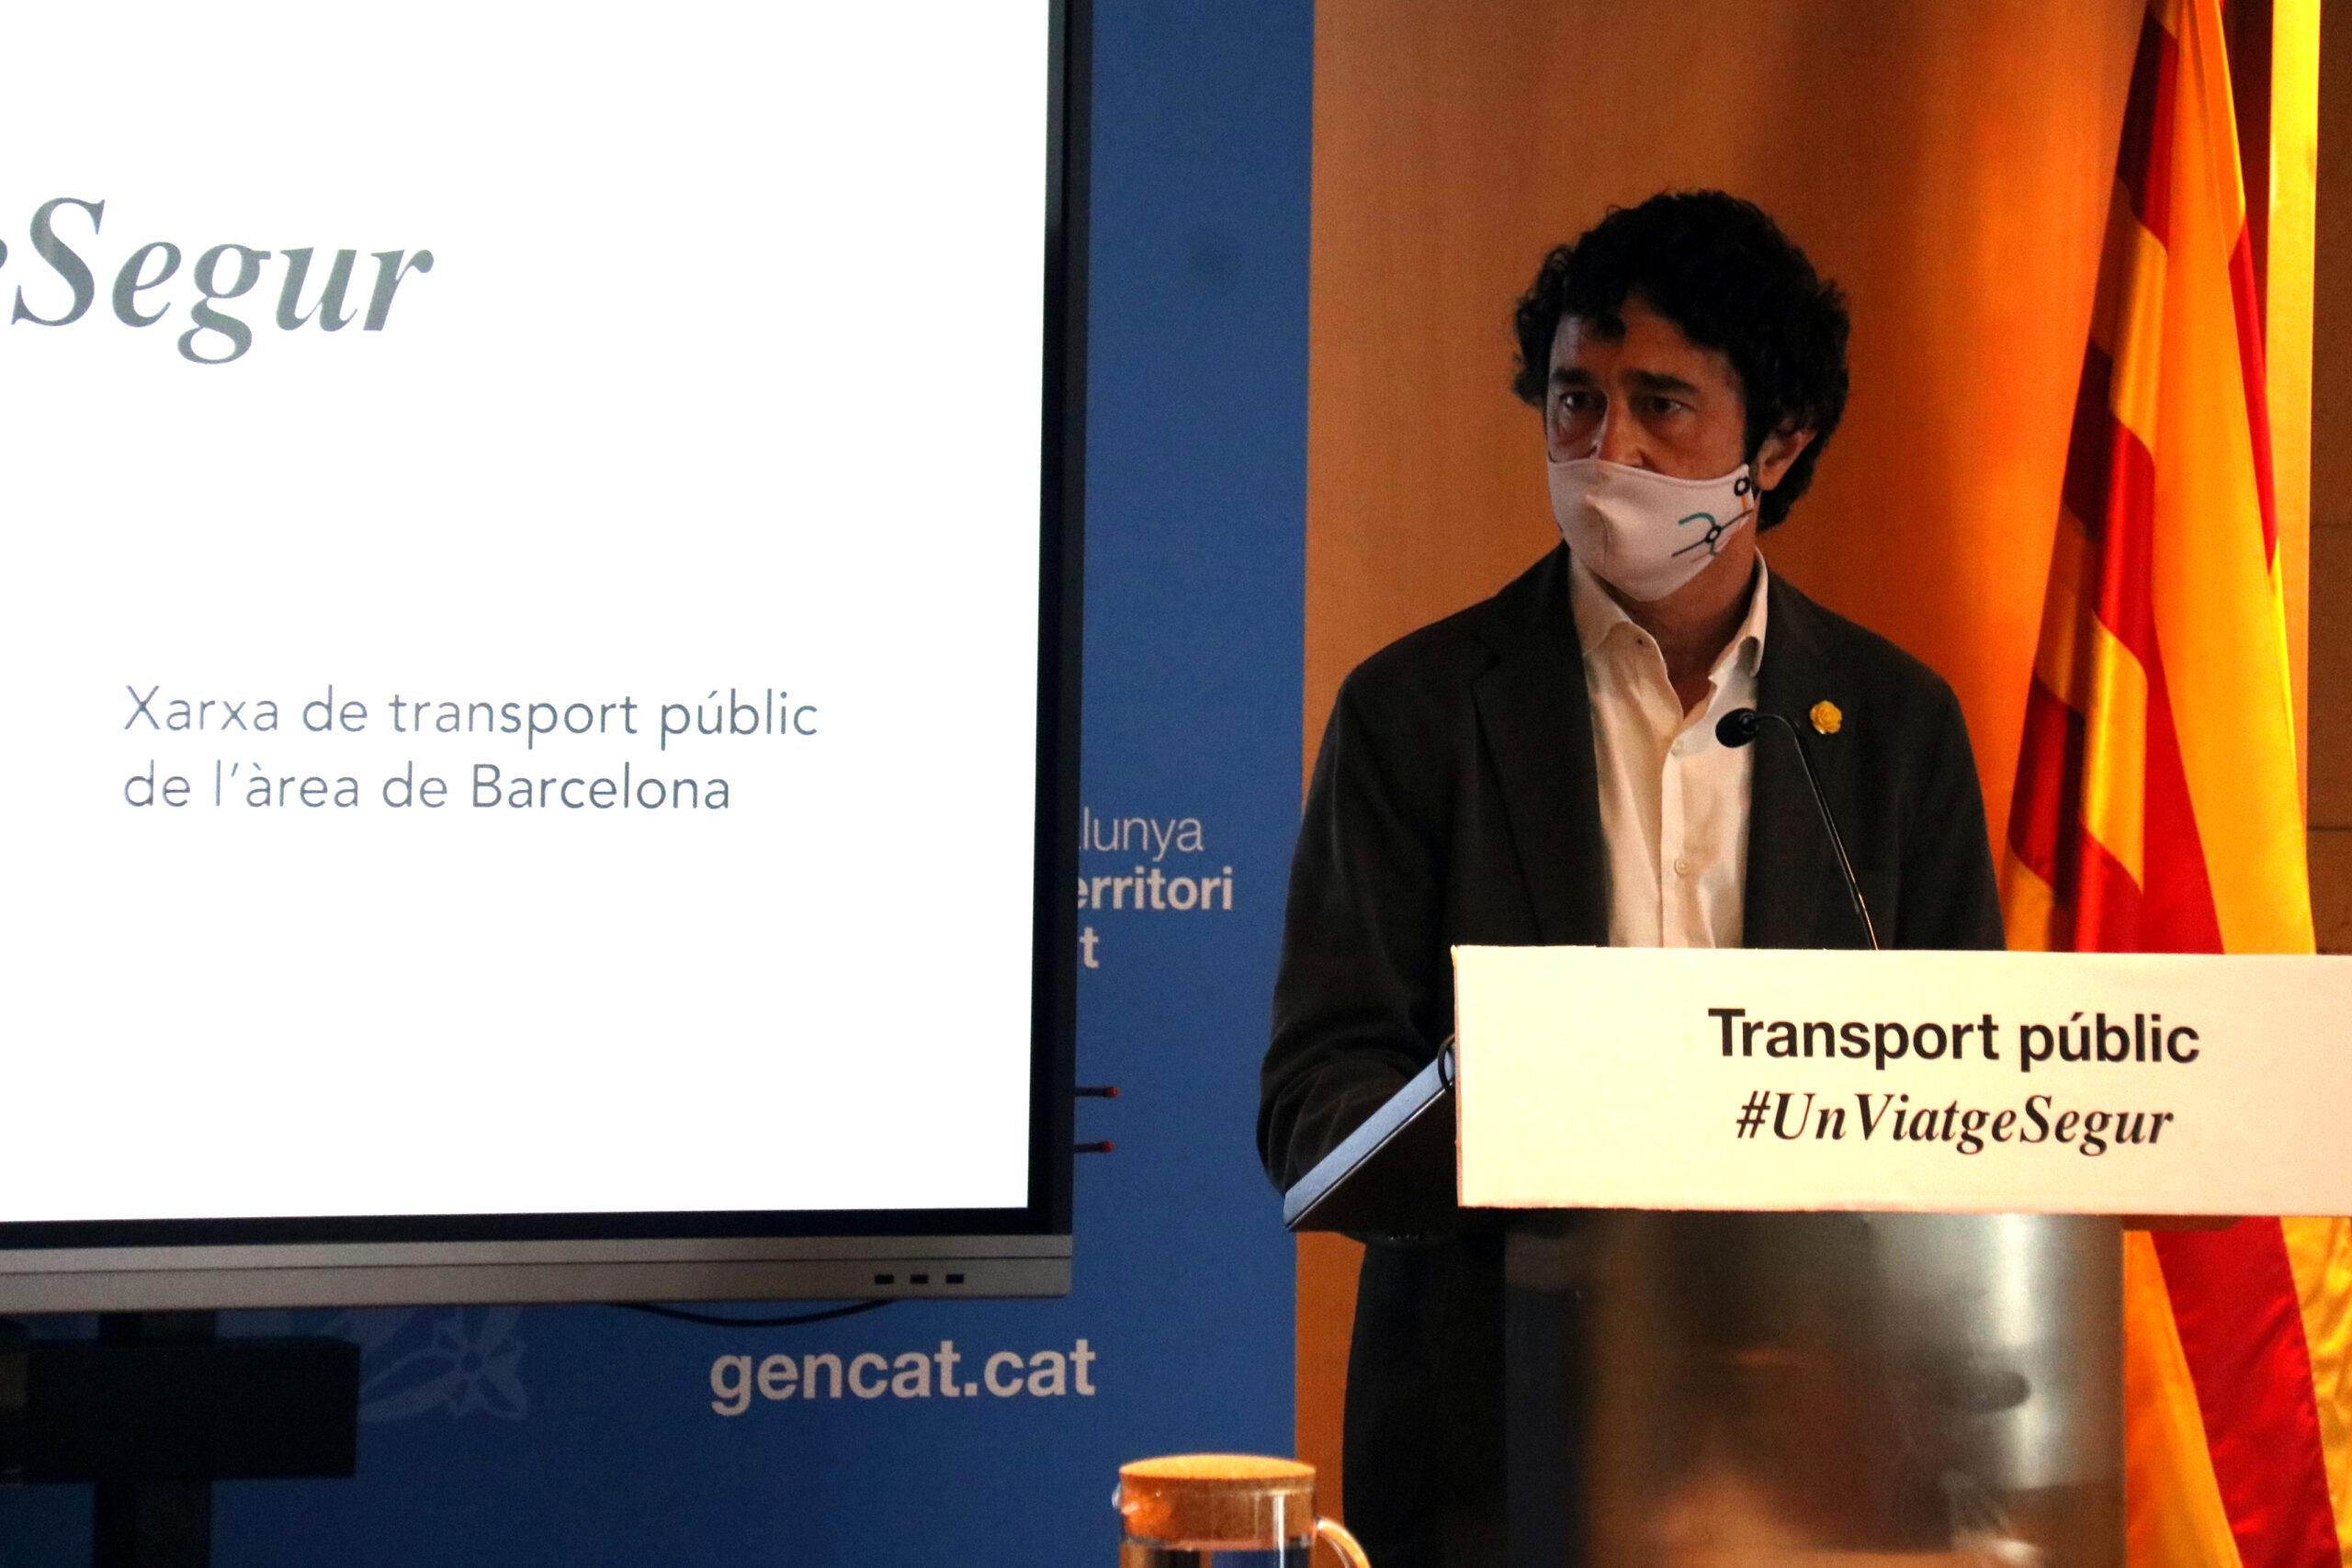 El conseller de Territori i Sostenibilitat, Damià Calvet, en la presentació de la campanya per recuperar la confiança dels usuaris del transport públic, el 9 d'abril del 2021. (Horitzontal)